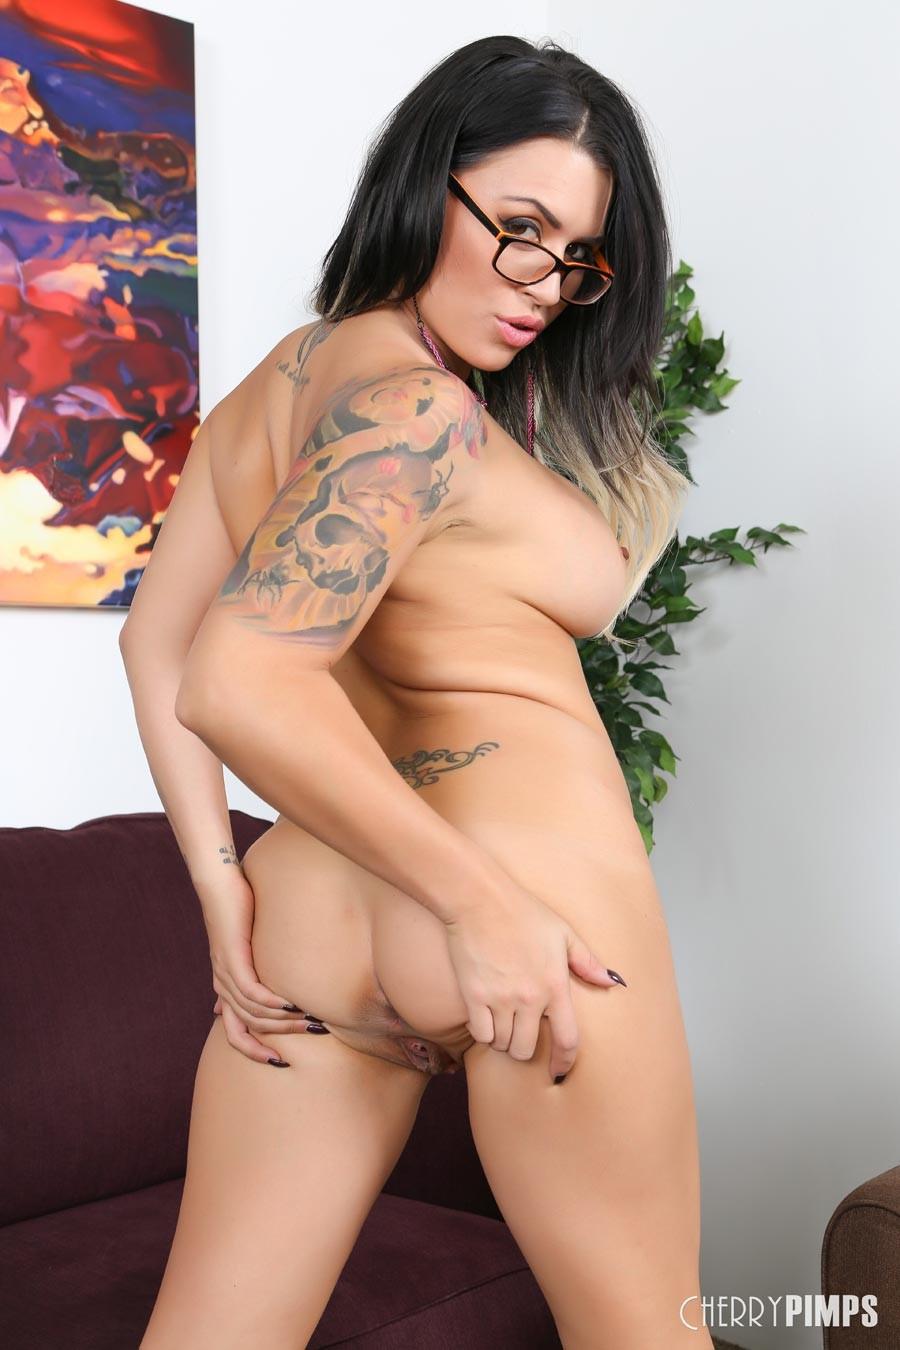 Татуированная брюнетка с большими сиськами мастурбирует секс игрушками